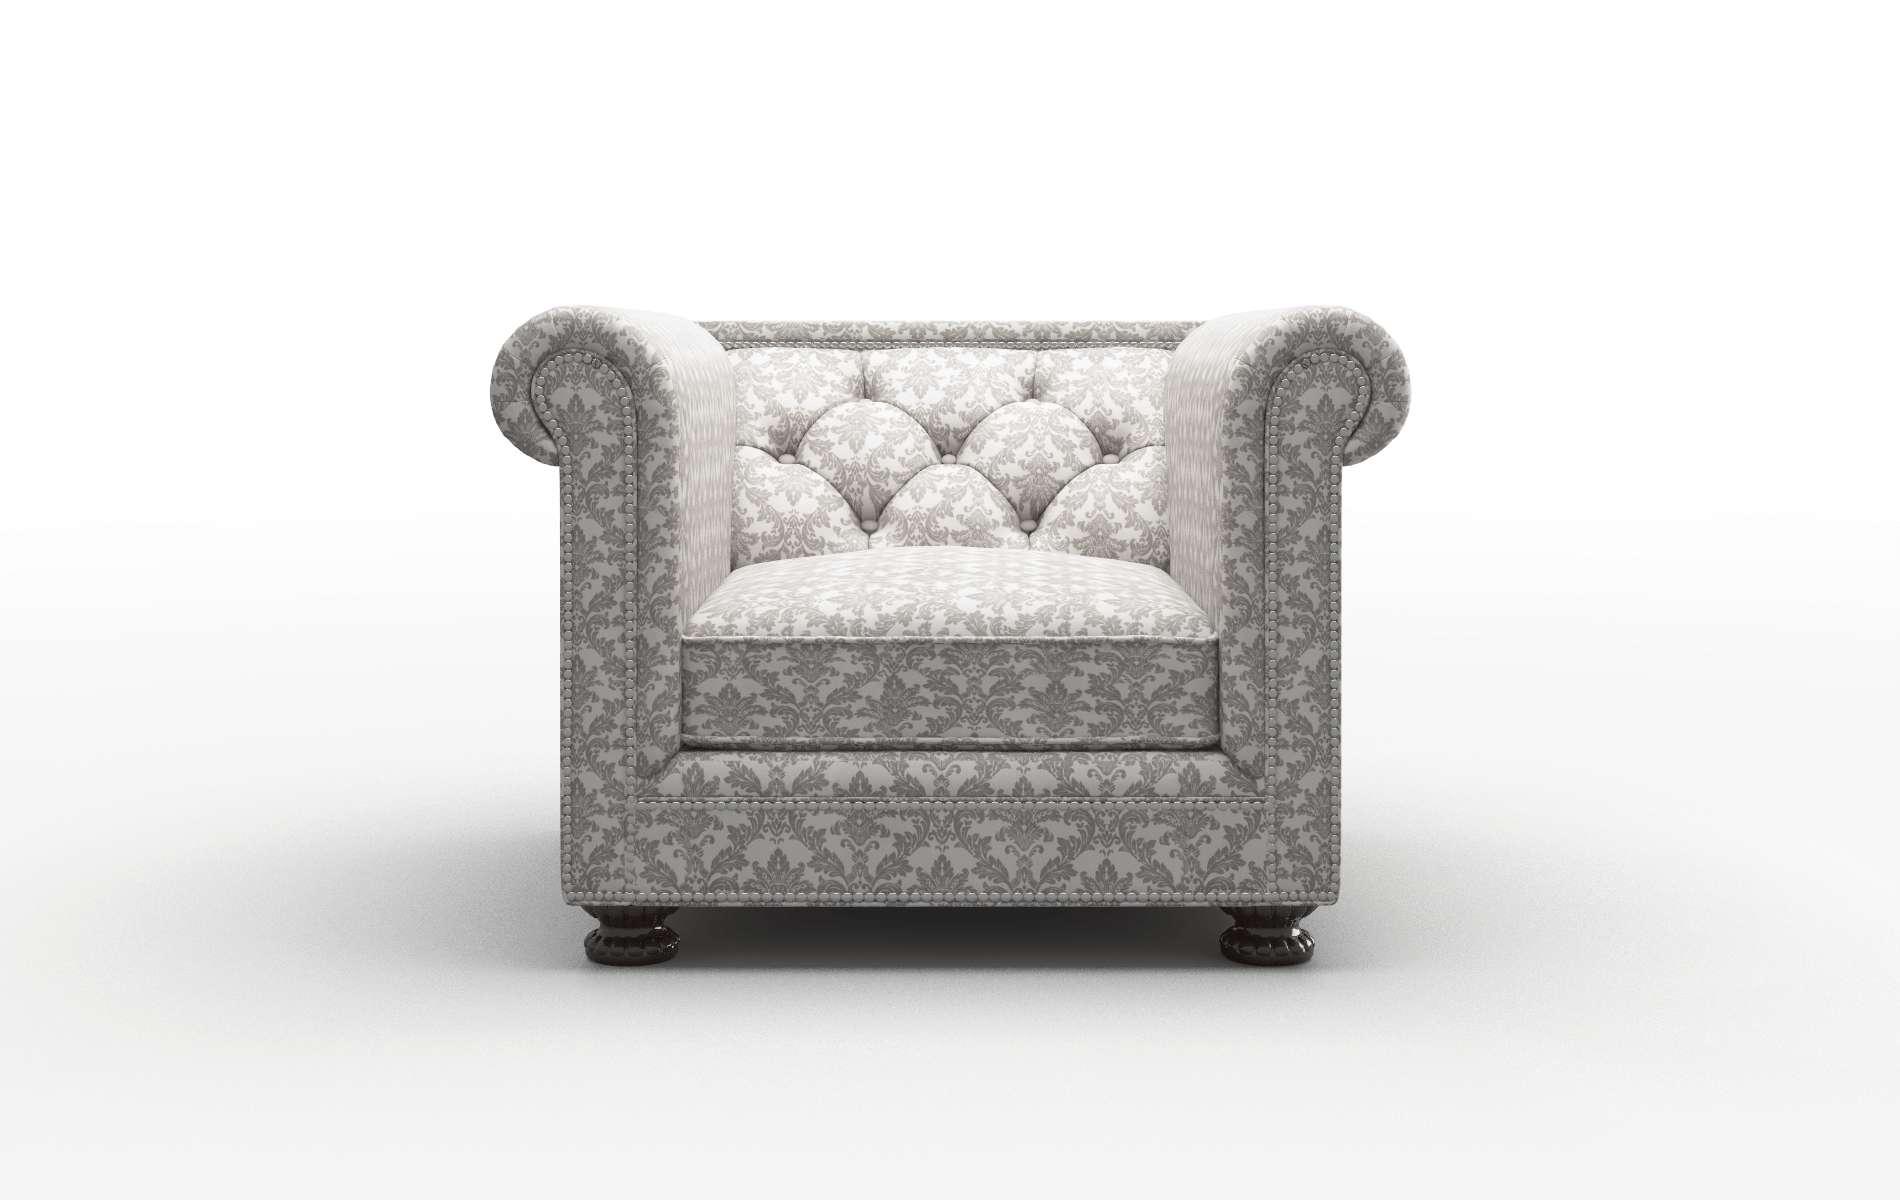 Athens Bergamo Dove Chair espresso legs 1